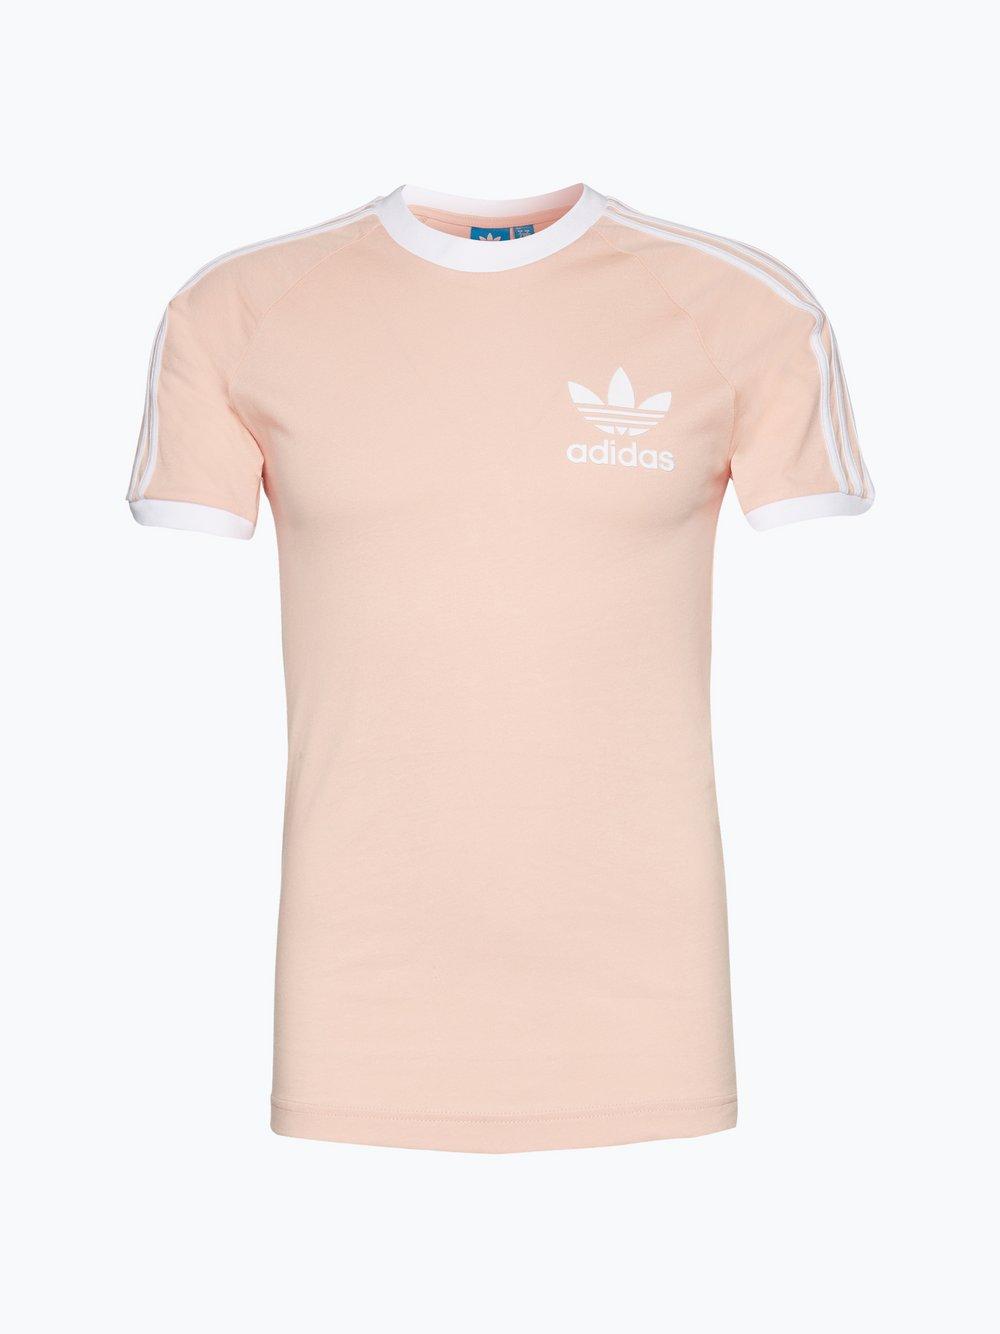 adidas Originals Herren T Shirt CLFN online kaufen